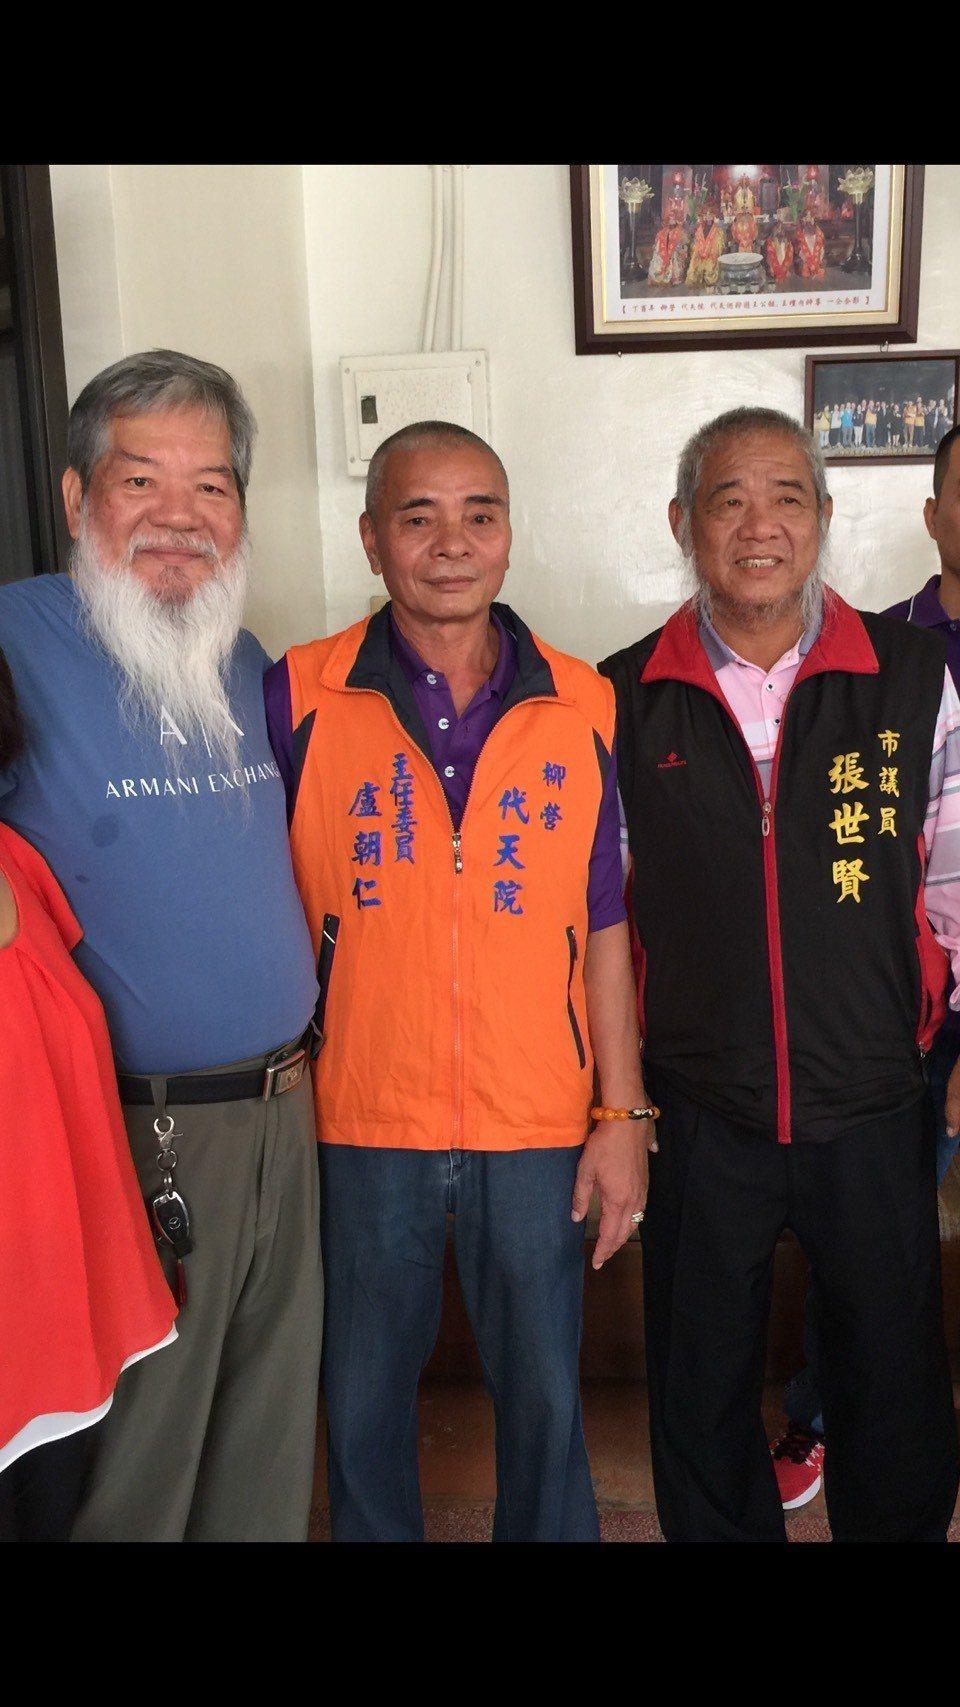 台南市議員張世賢(右一)與道長陳庚辛(左一)都留鬍鬚。記者吳政修/攝影